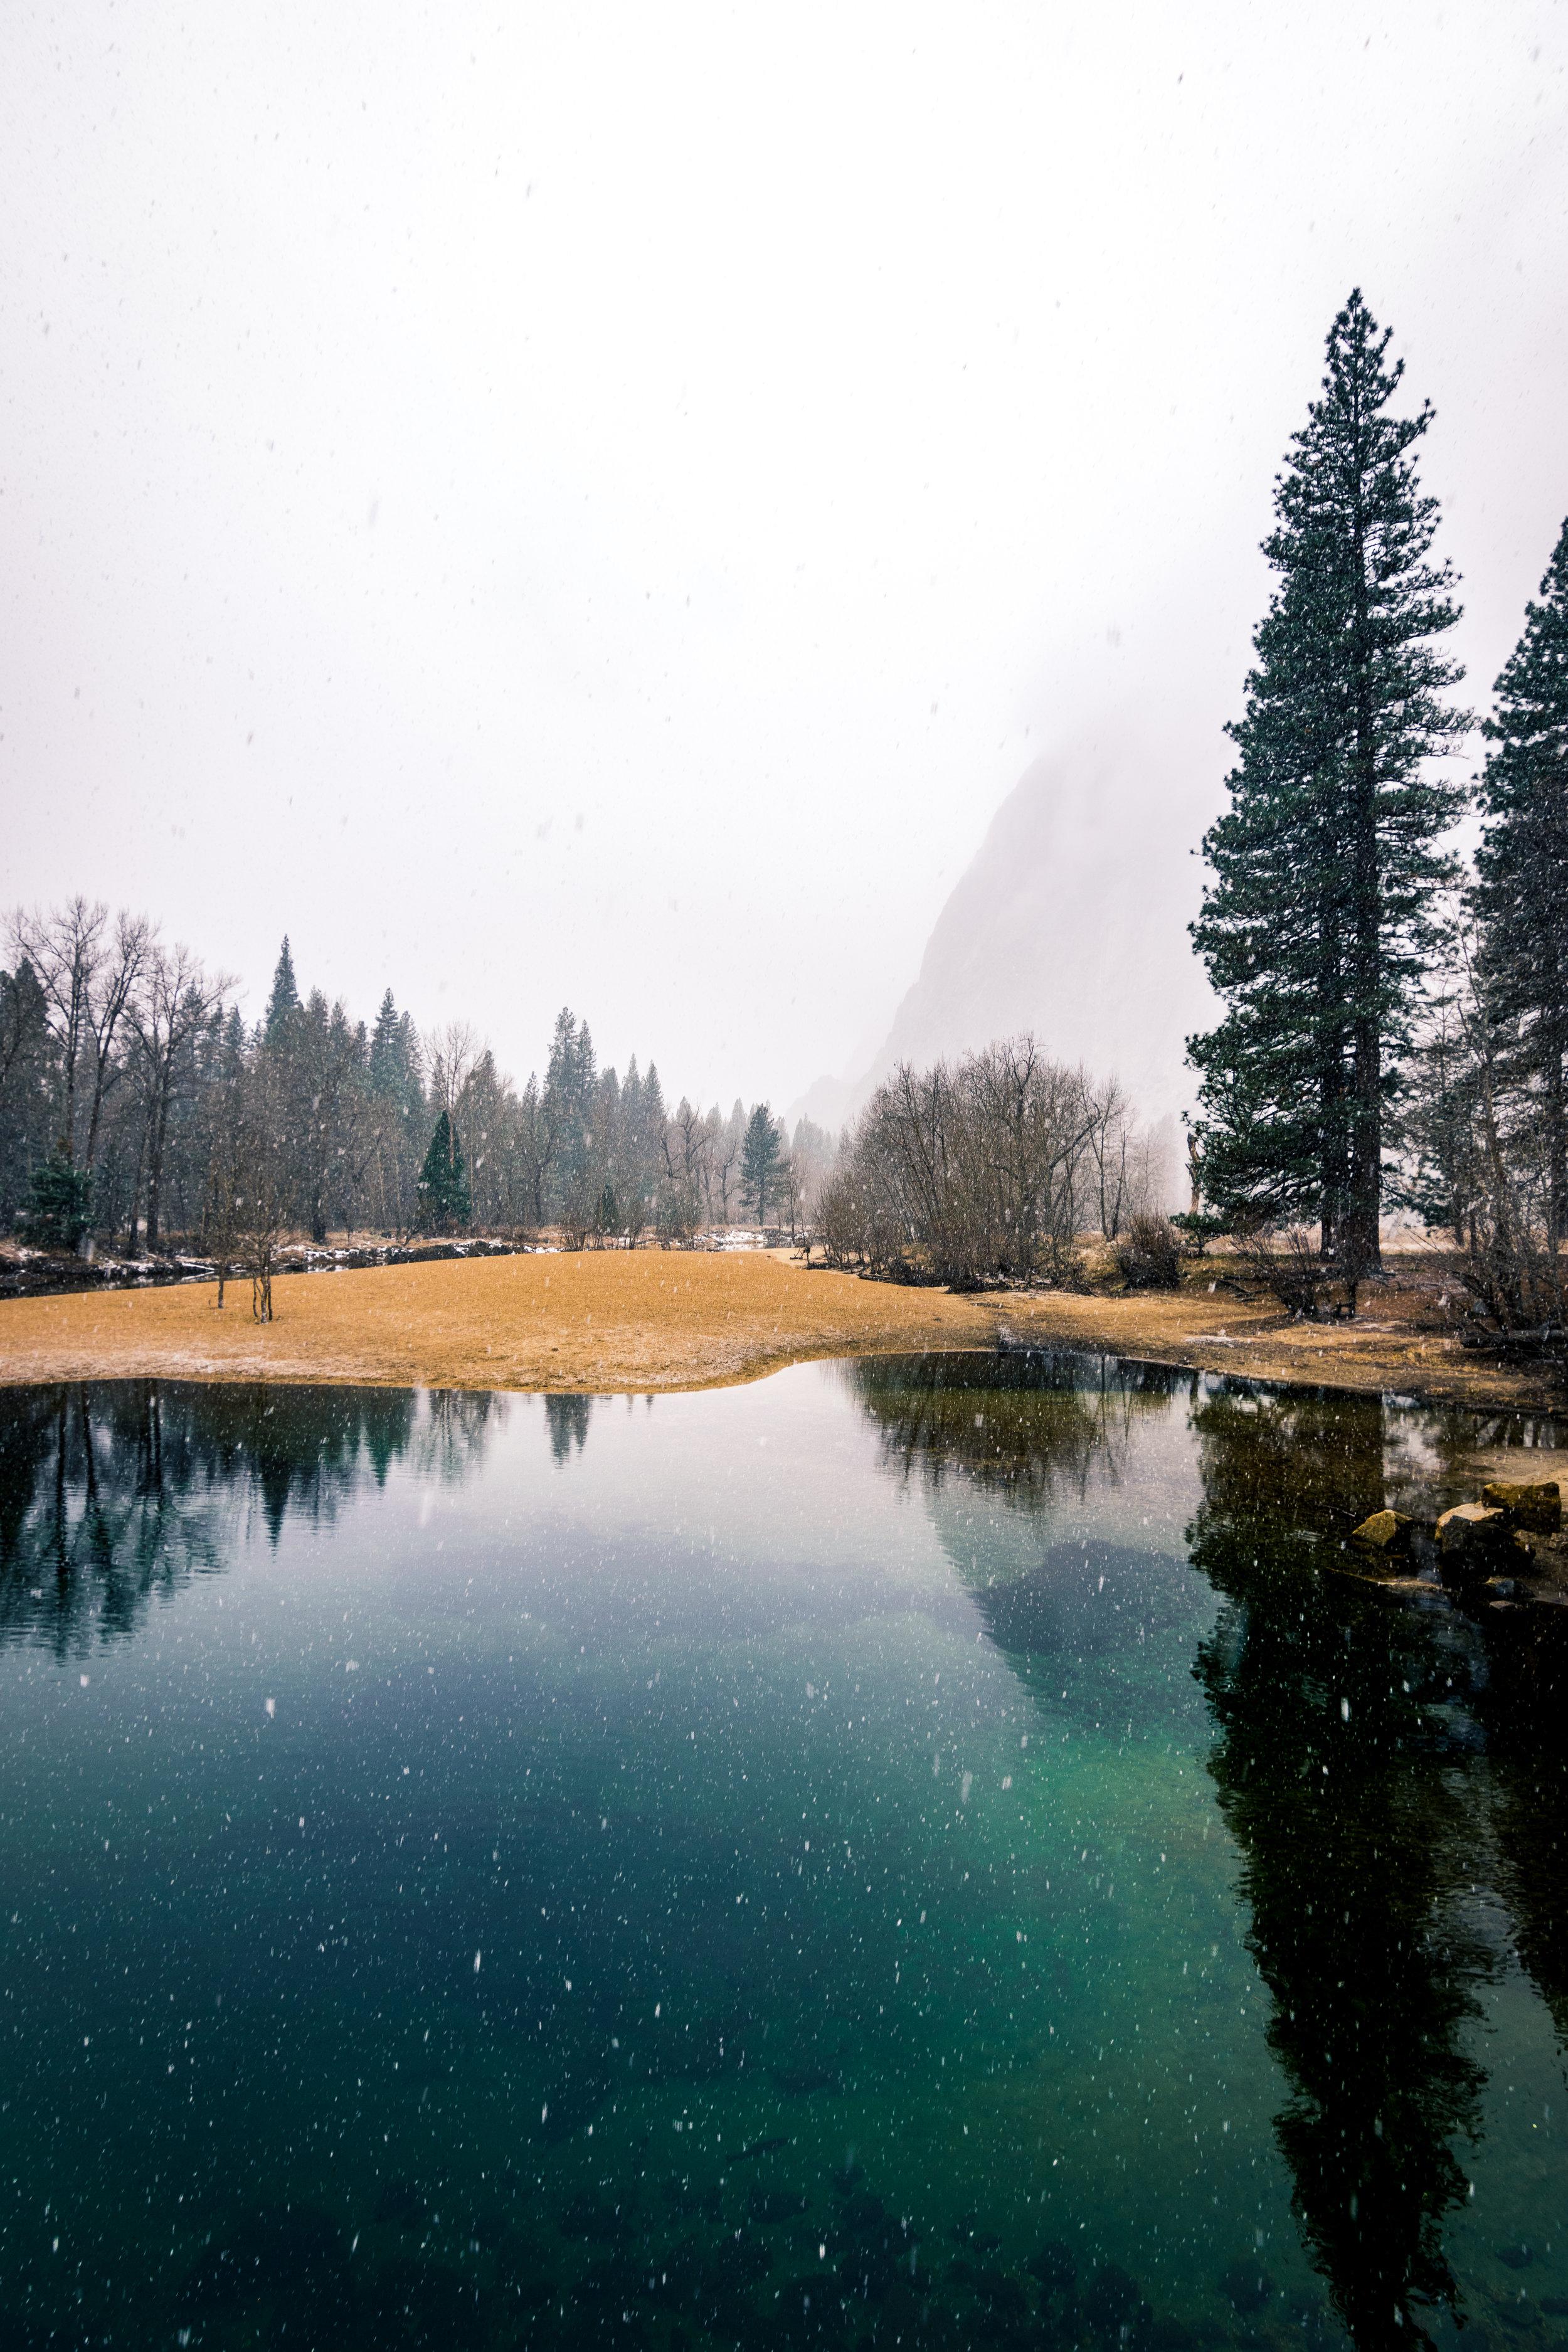 2018_02_26_Yosemite_00055-2.jpg